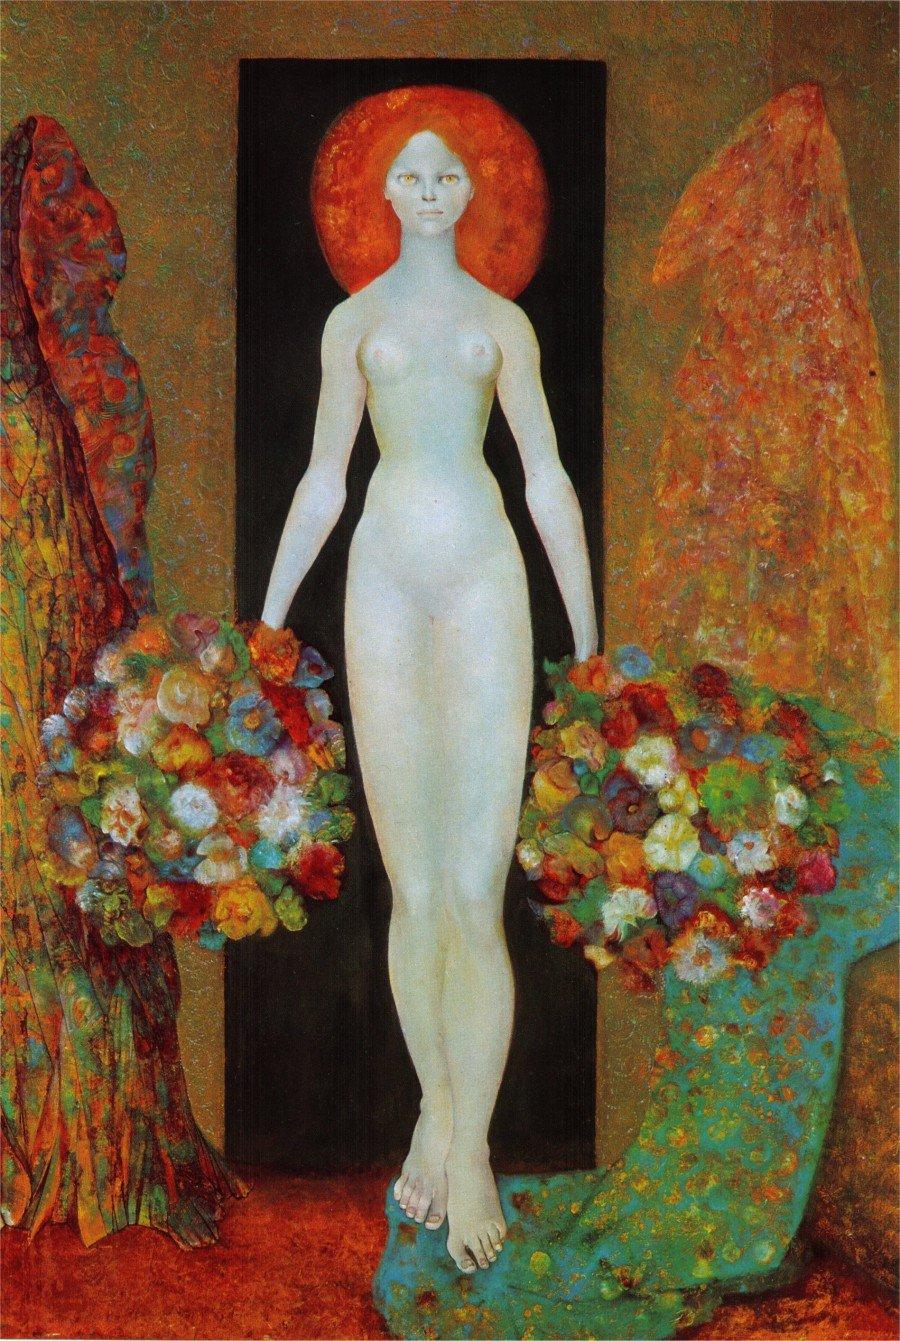 Heliodora, par Leonor Fini, lithographie, 1964